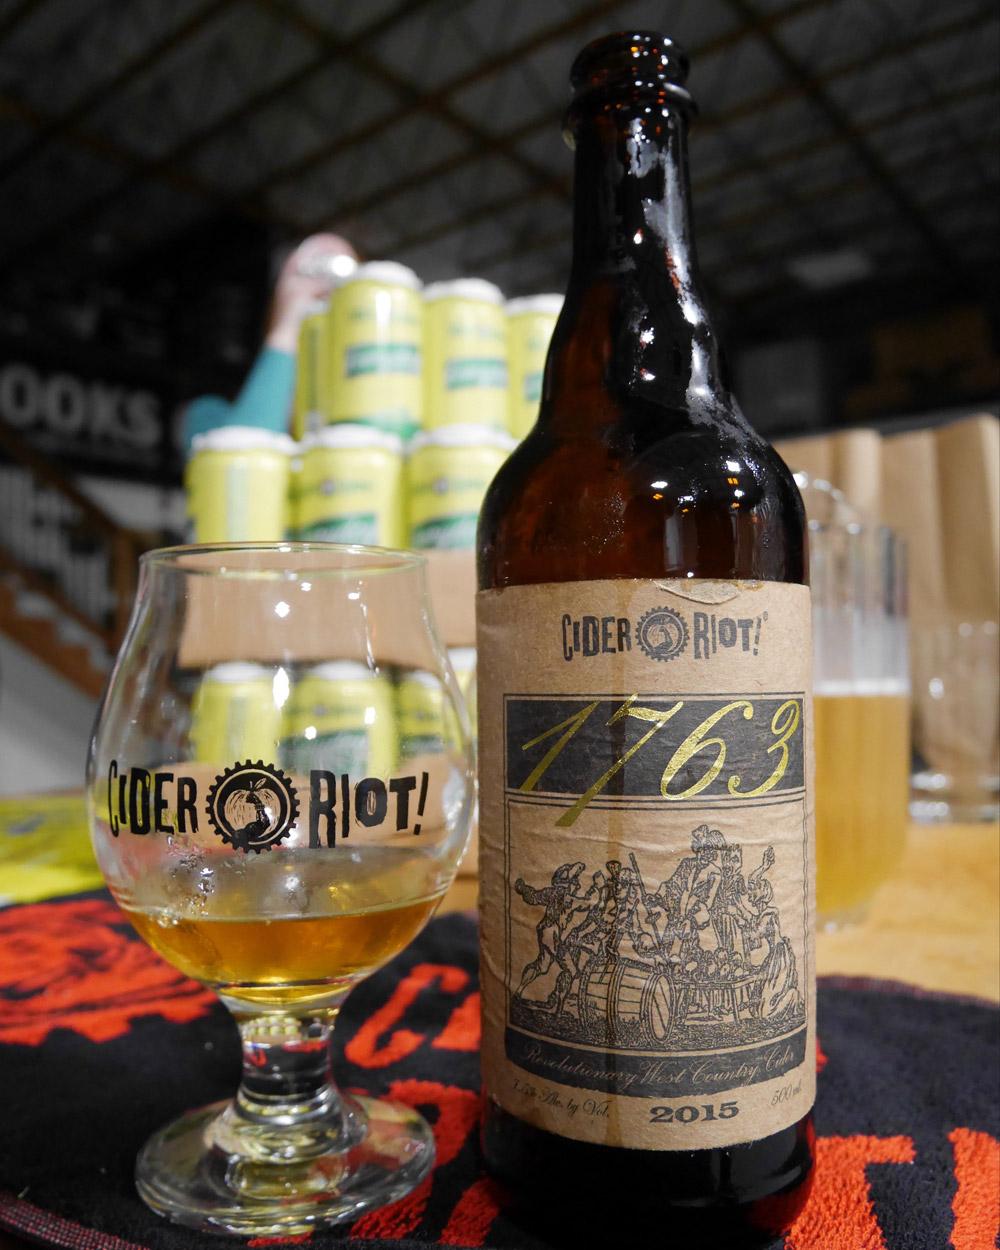 Cider Riot! Tasting & Tour